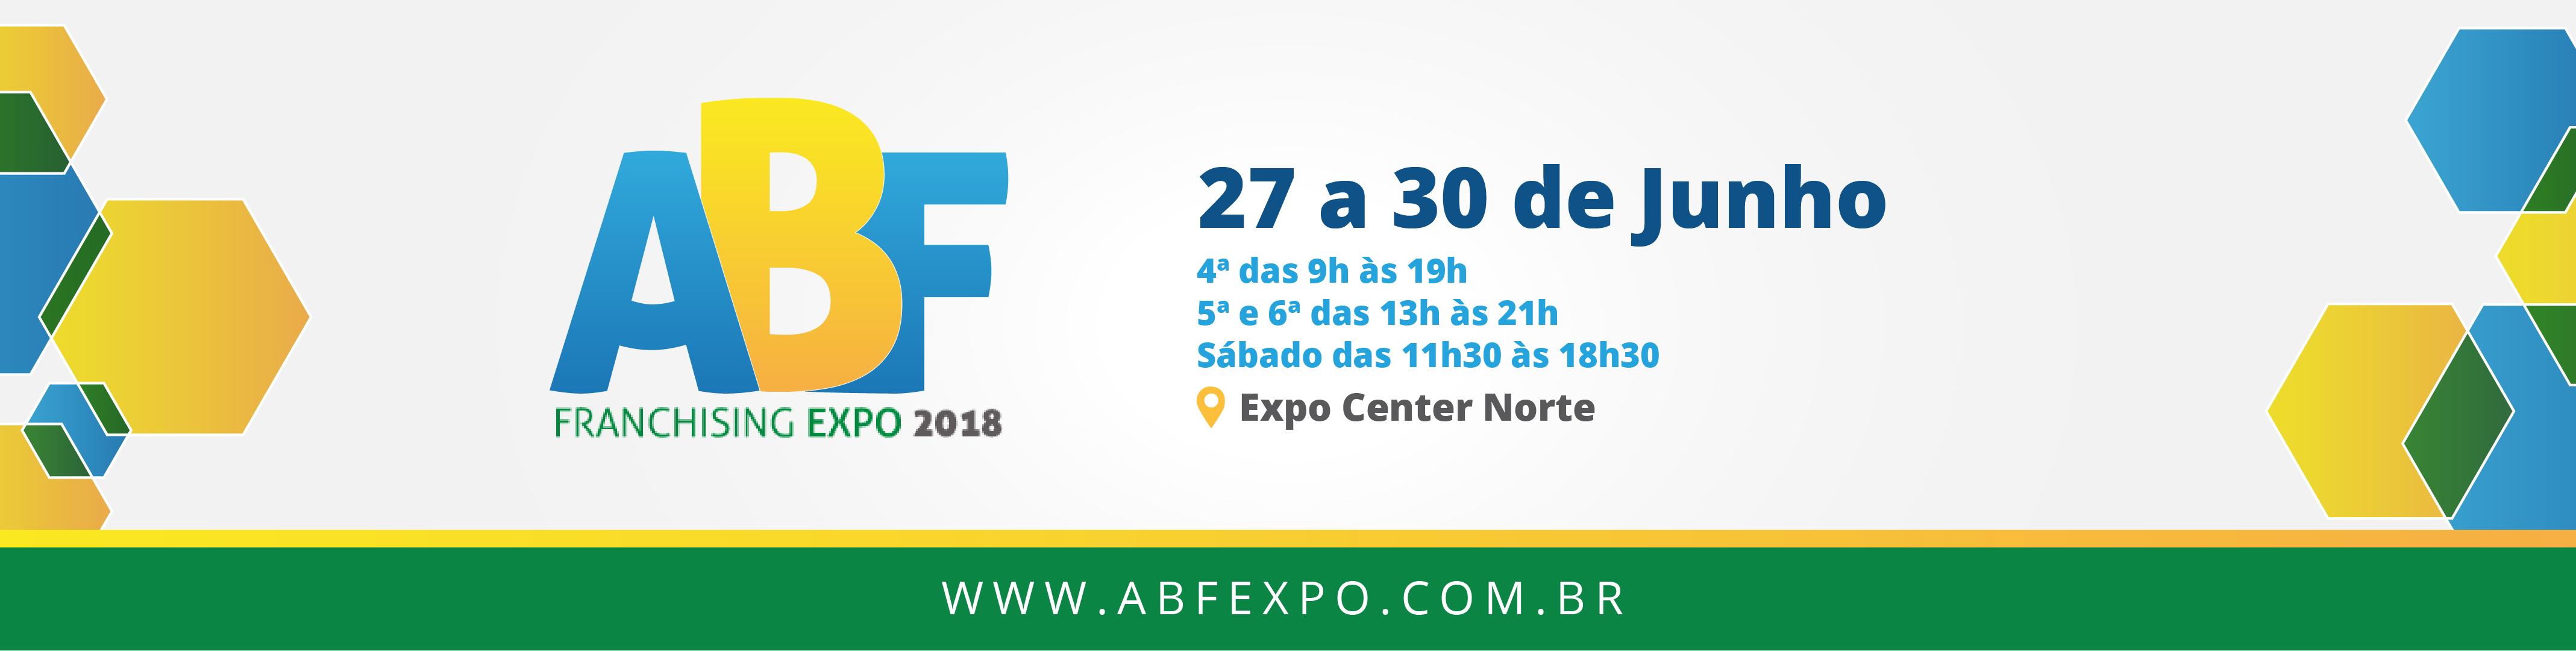 Franchising Expo 2018 - 27 a 30 de Junho